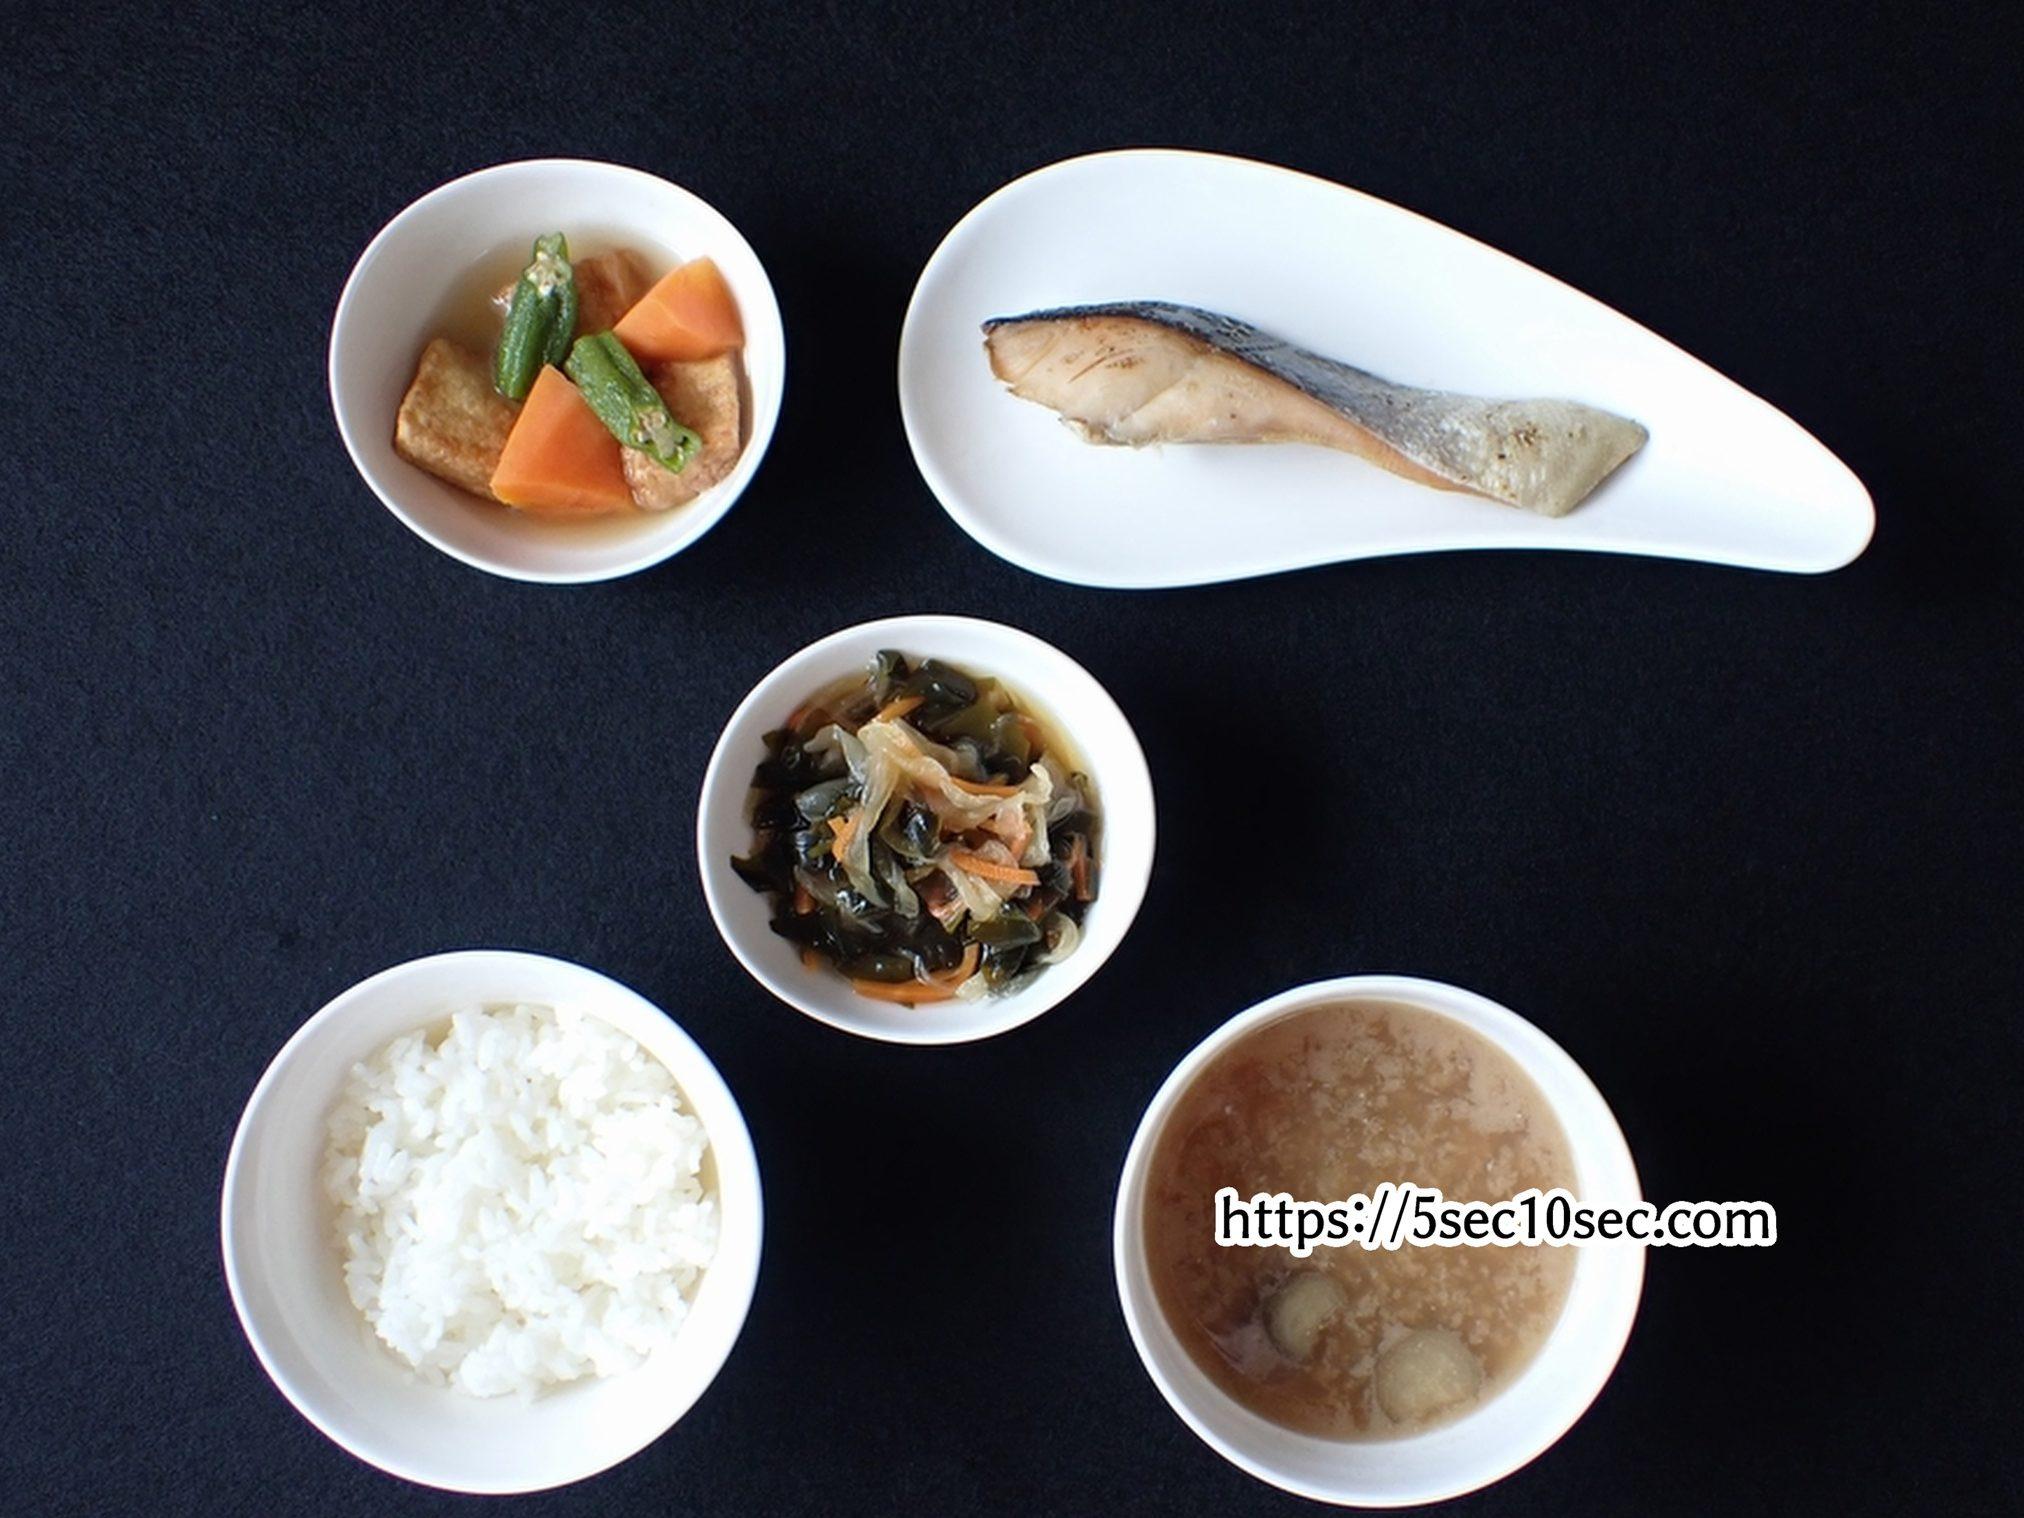 わんまいる 健幸ディナー 北海道産 鮭の塩焼きセット ごはんと味噌汁を用意するとより満足感が増します